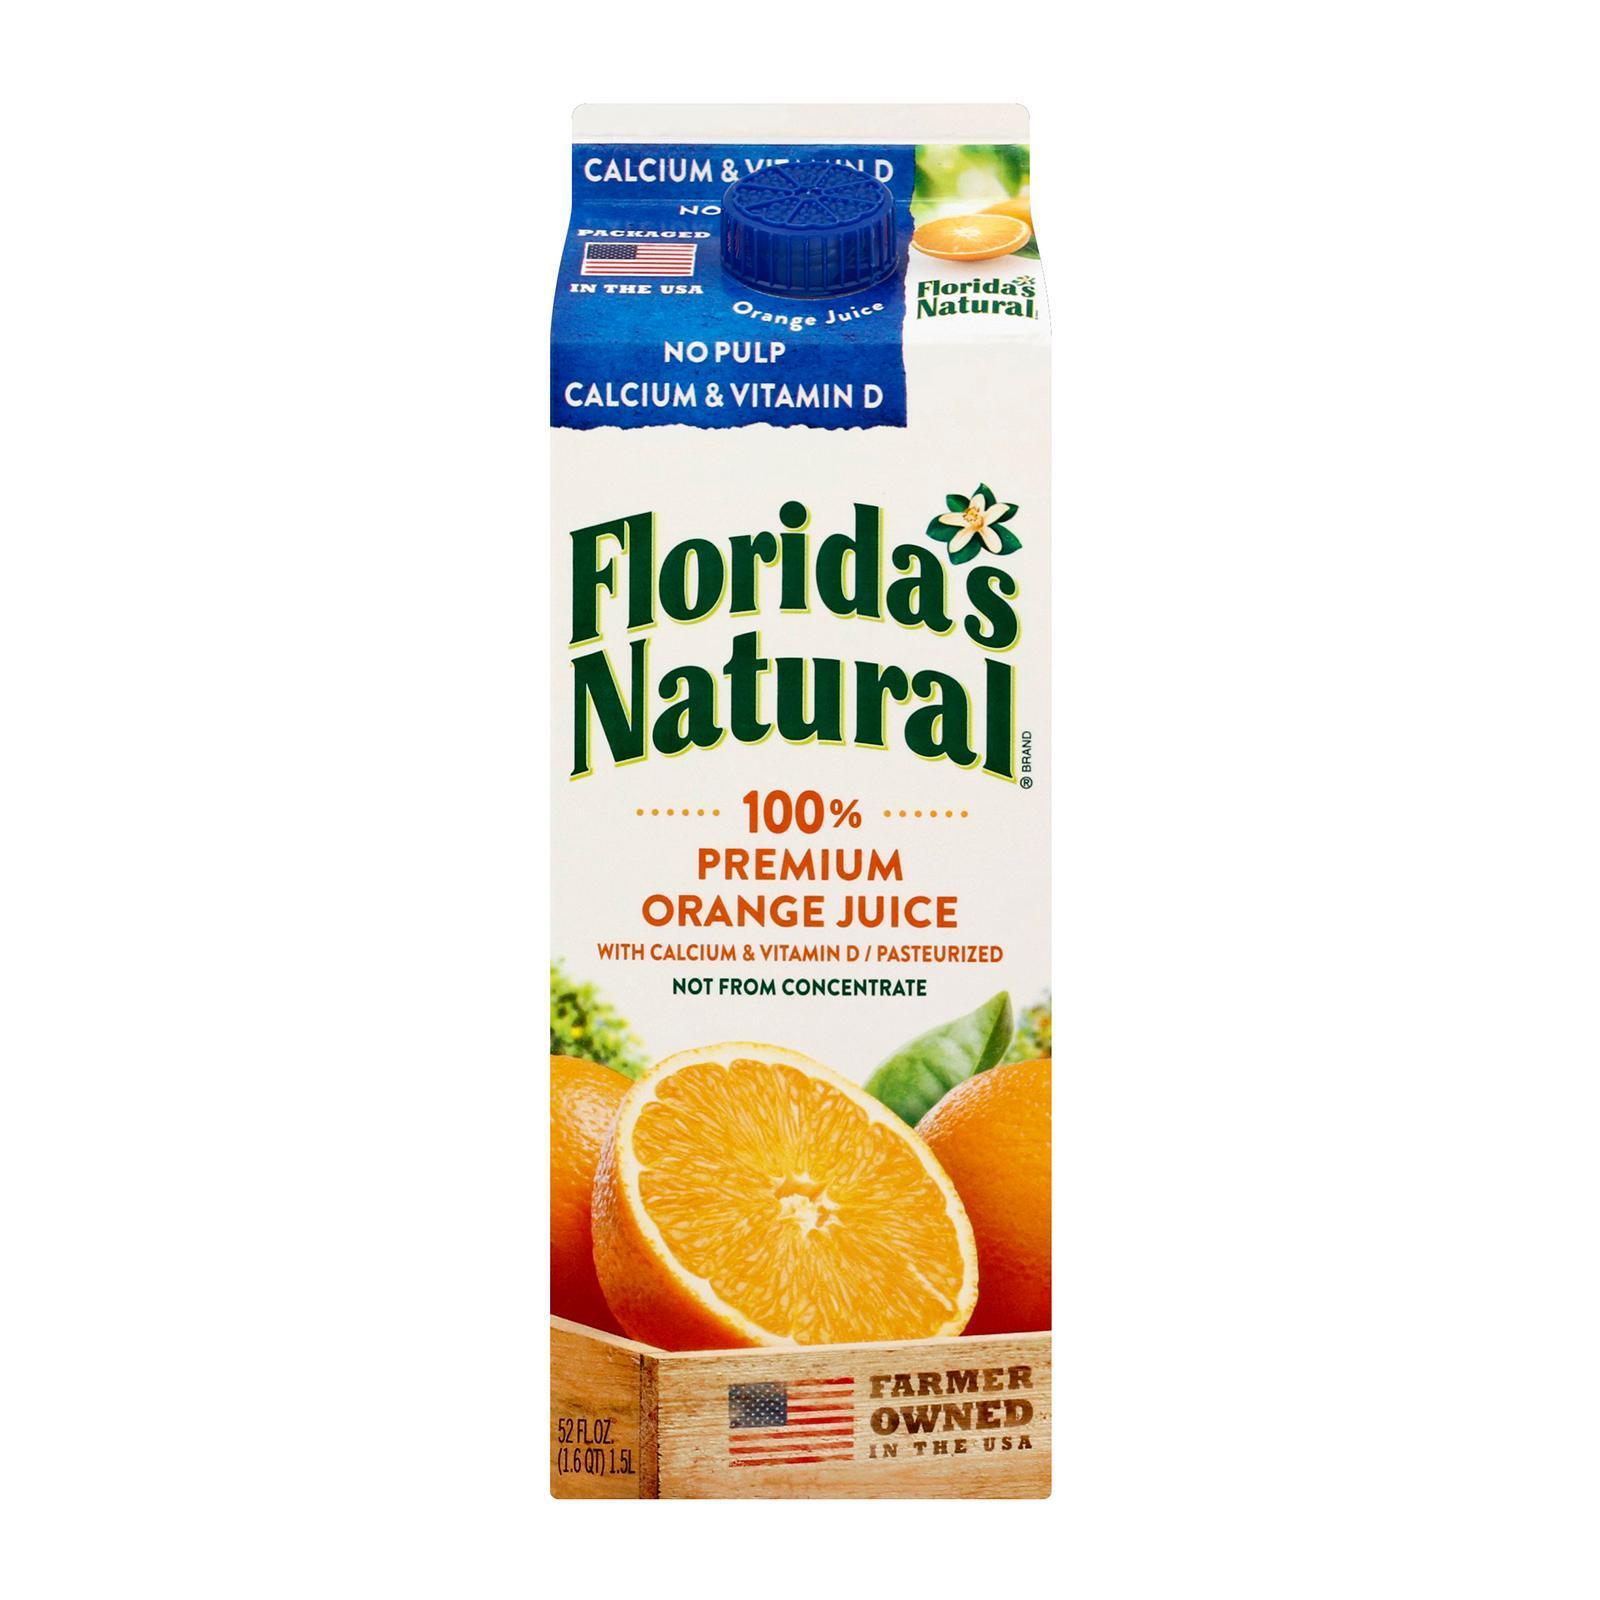 Florida's Natural NFC Premium with Calcium and Vitamin D (No Pulp) Orange Juice